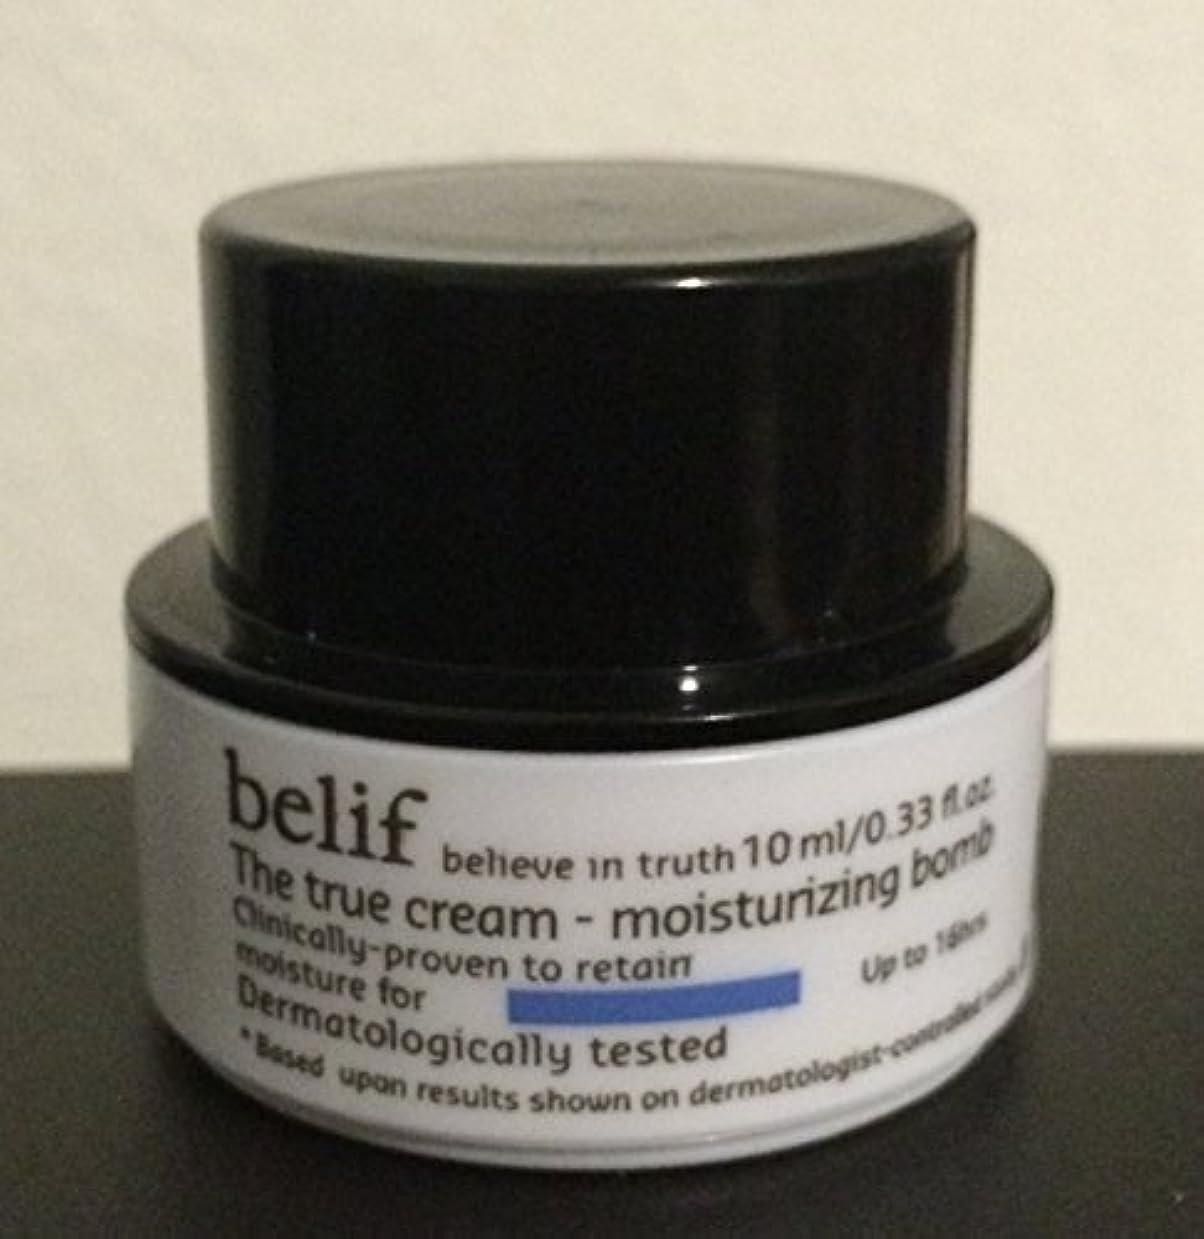 BElif 真のクリーム保湿爆弾0.33オンス箱なしミニトラベルサイズ [並行輸入品]